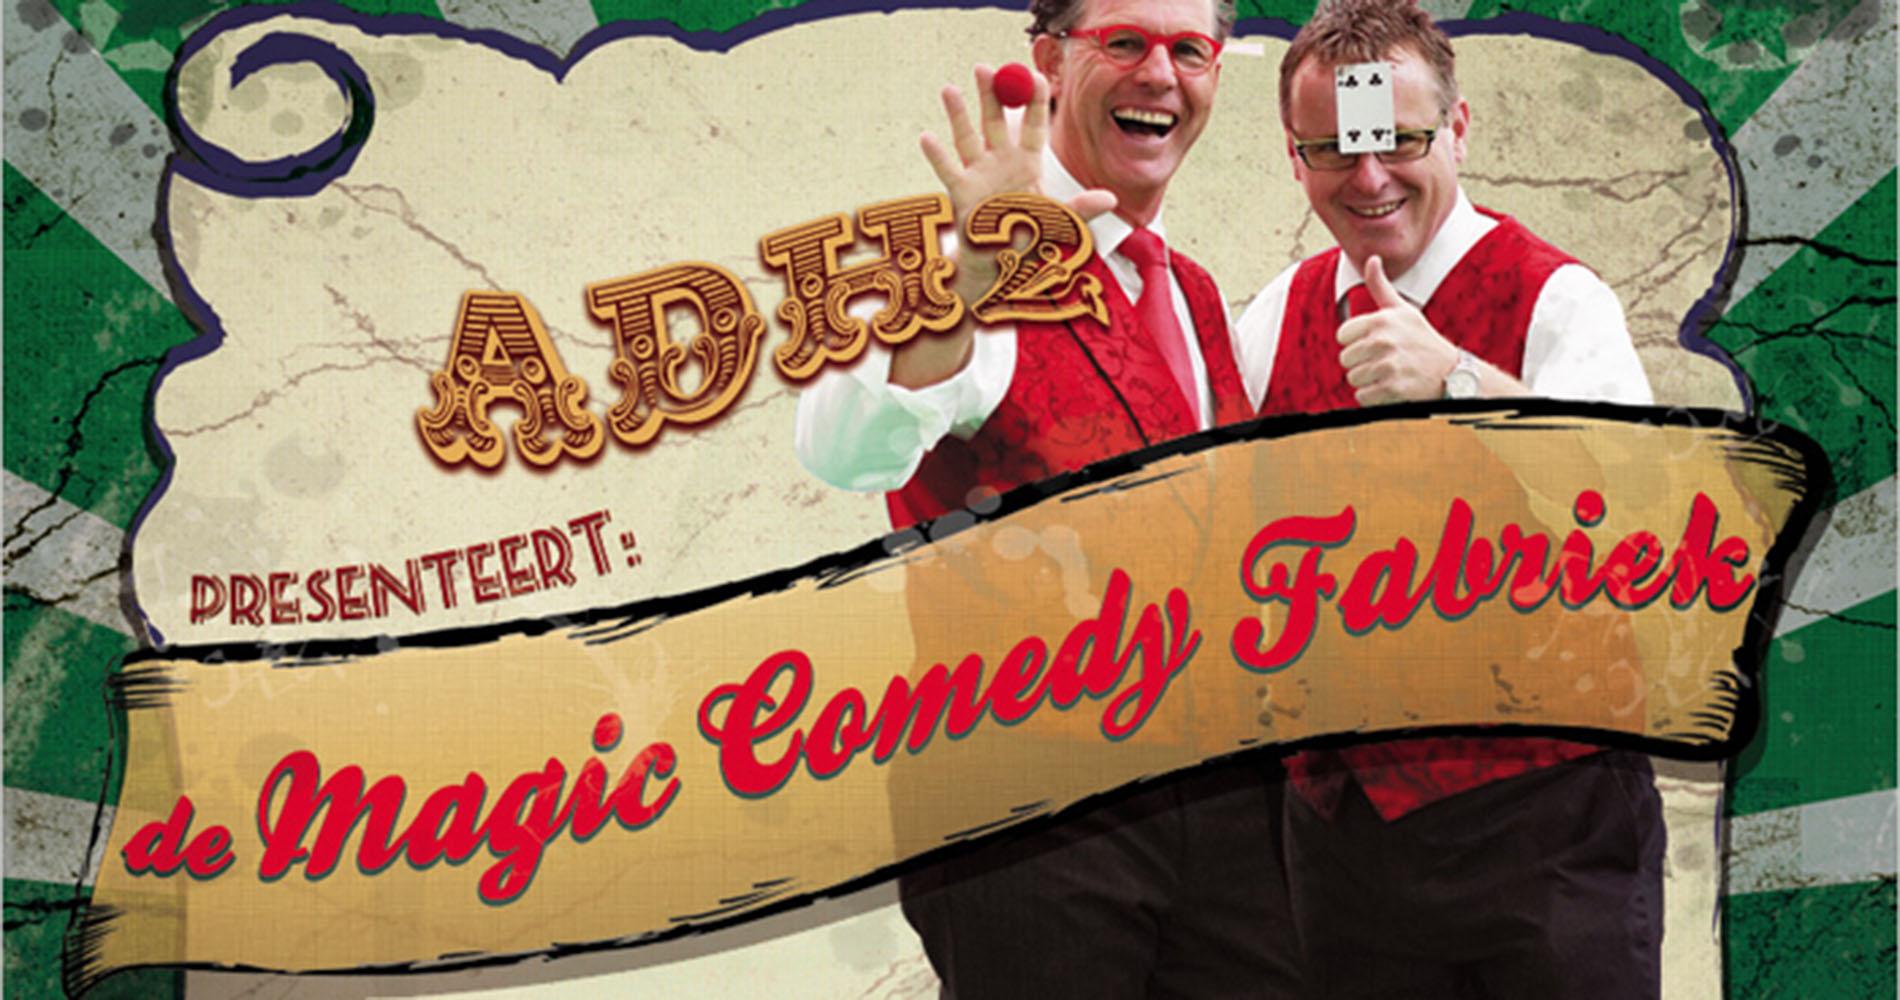 Entertainment de Magic Comedy Fabriek HEADER 1 GigWorld